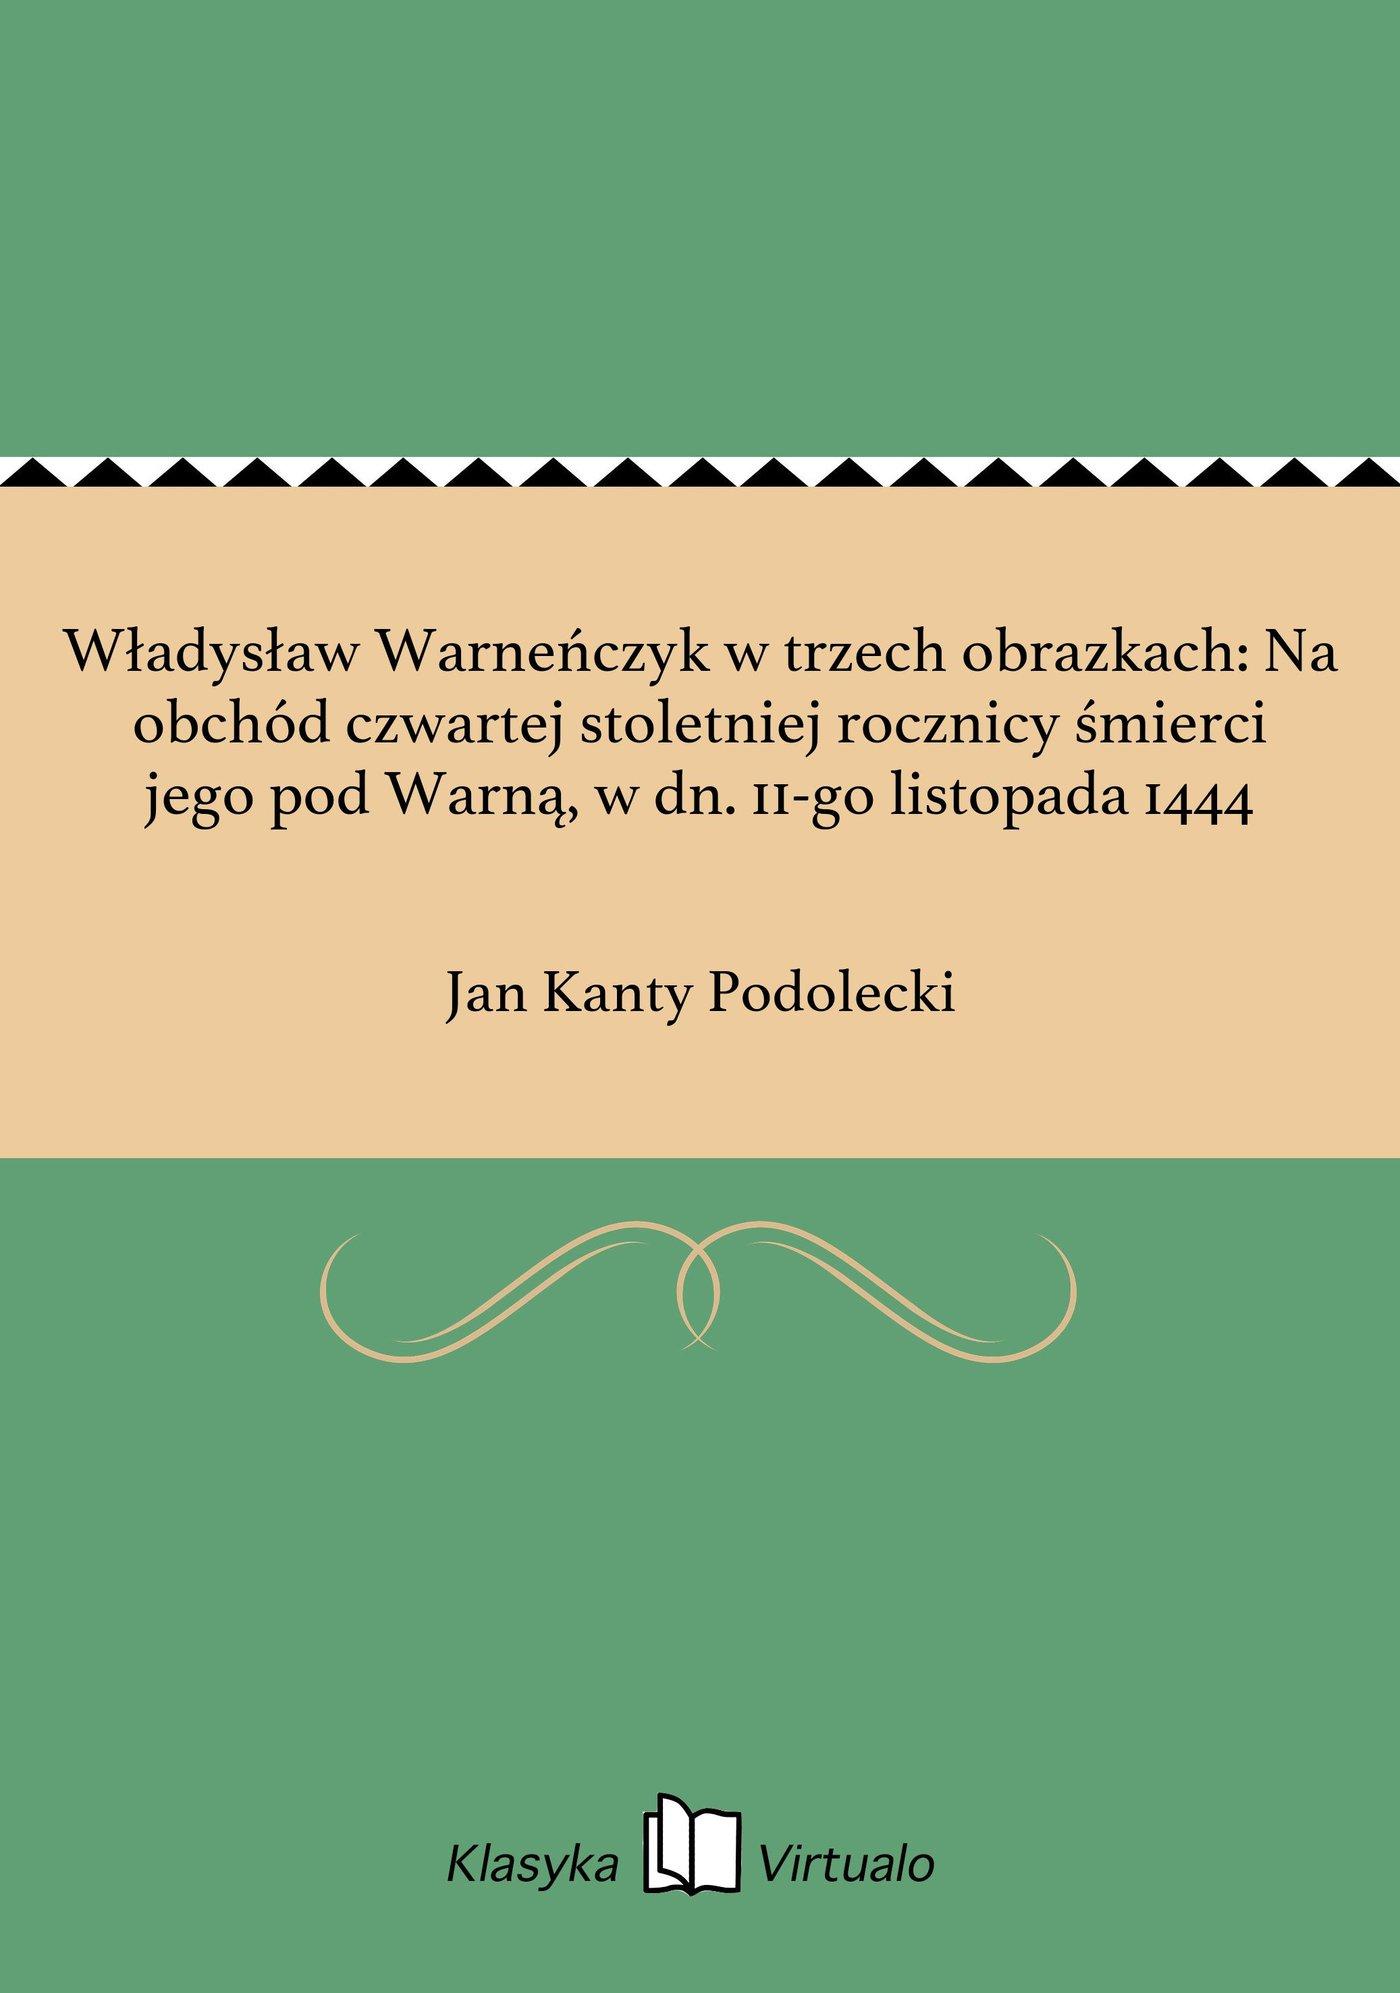 Władysław Warneńczyk w trzech obrazkach: Na obchód czwartej stoletniej rocznicy śmierci jego pod Warną, w dn. 11-go listopada 1444 - Ebook (Książka EPUB) do pobrania w formacie EPUB